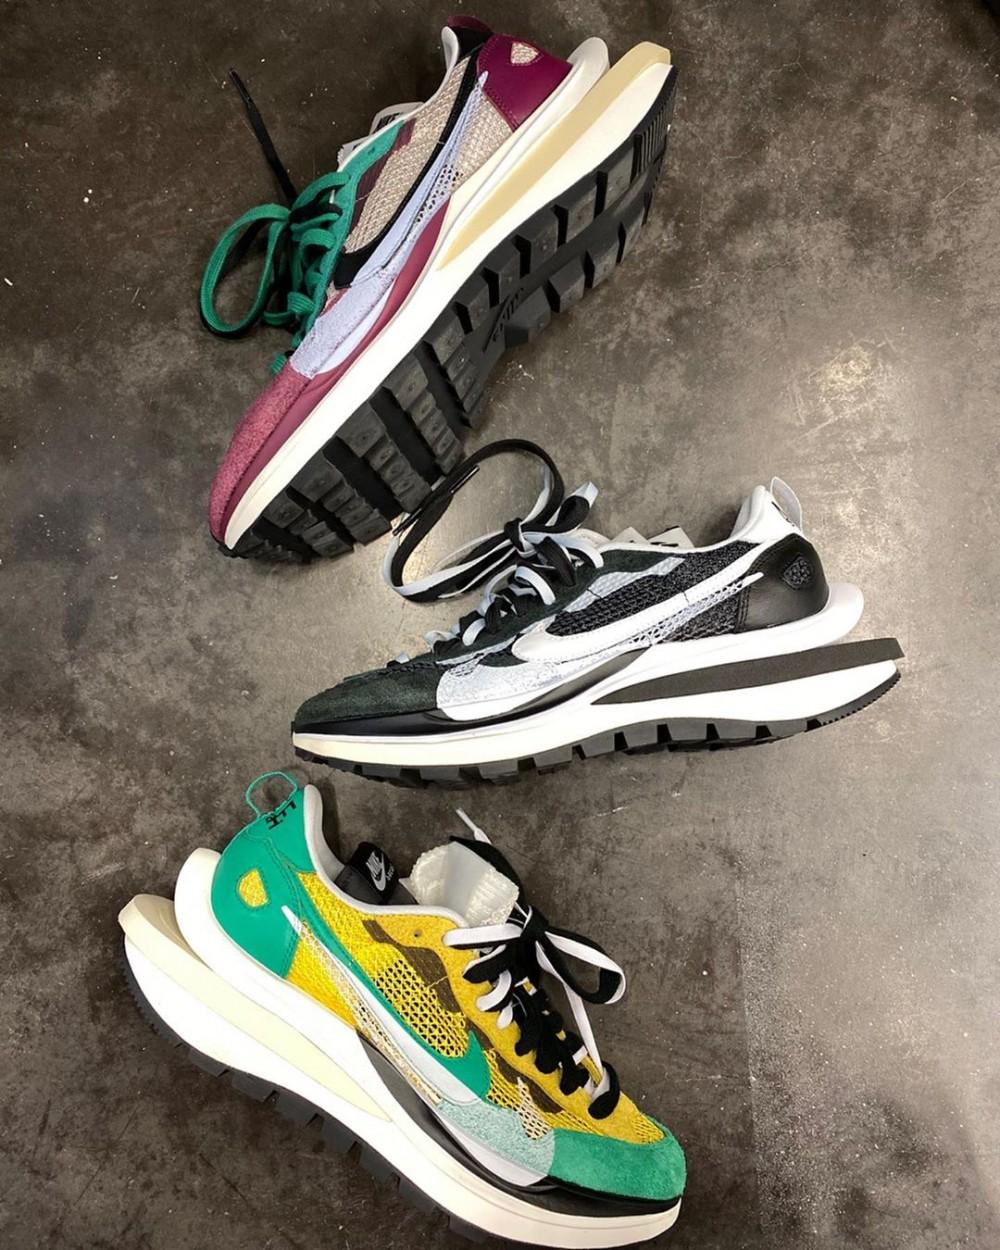 Nike下半年注目之聯乘球鞋 話題新作必掀熱潮03